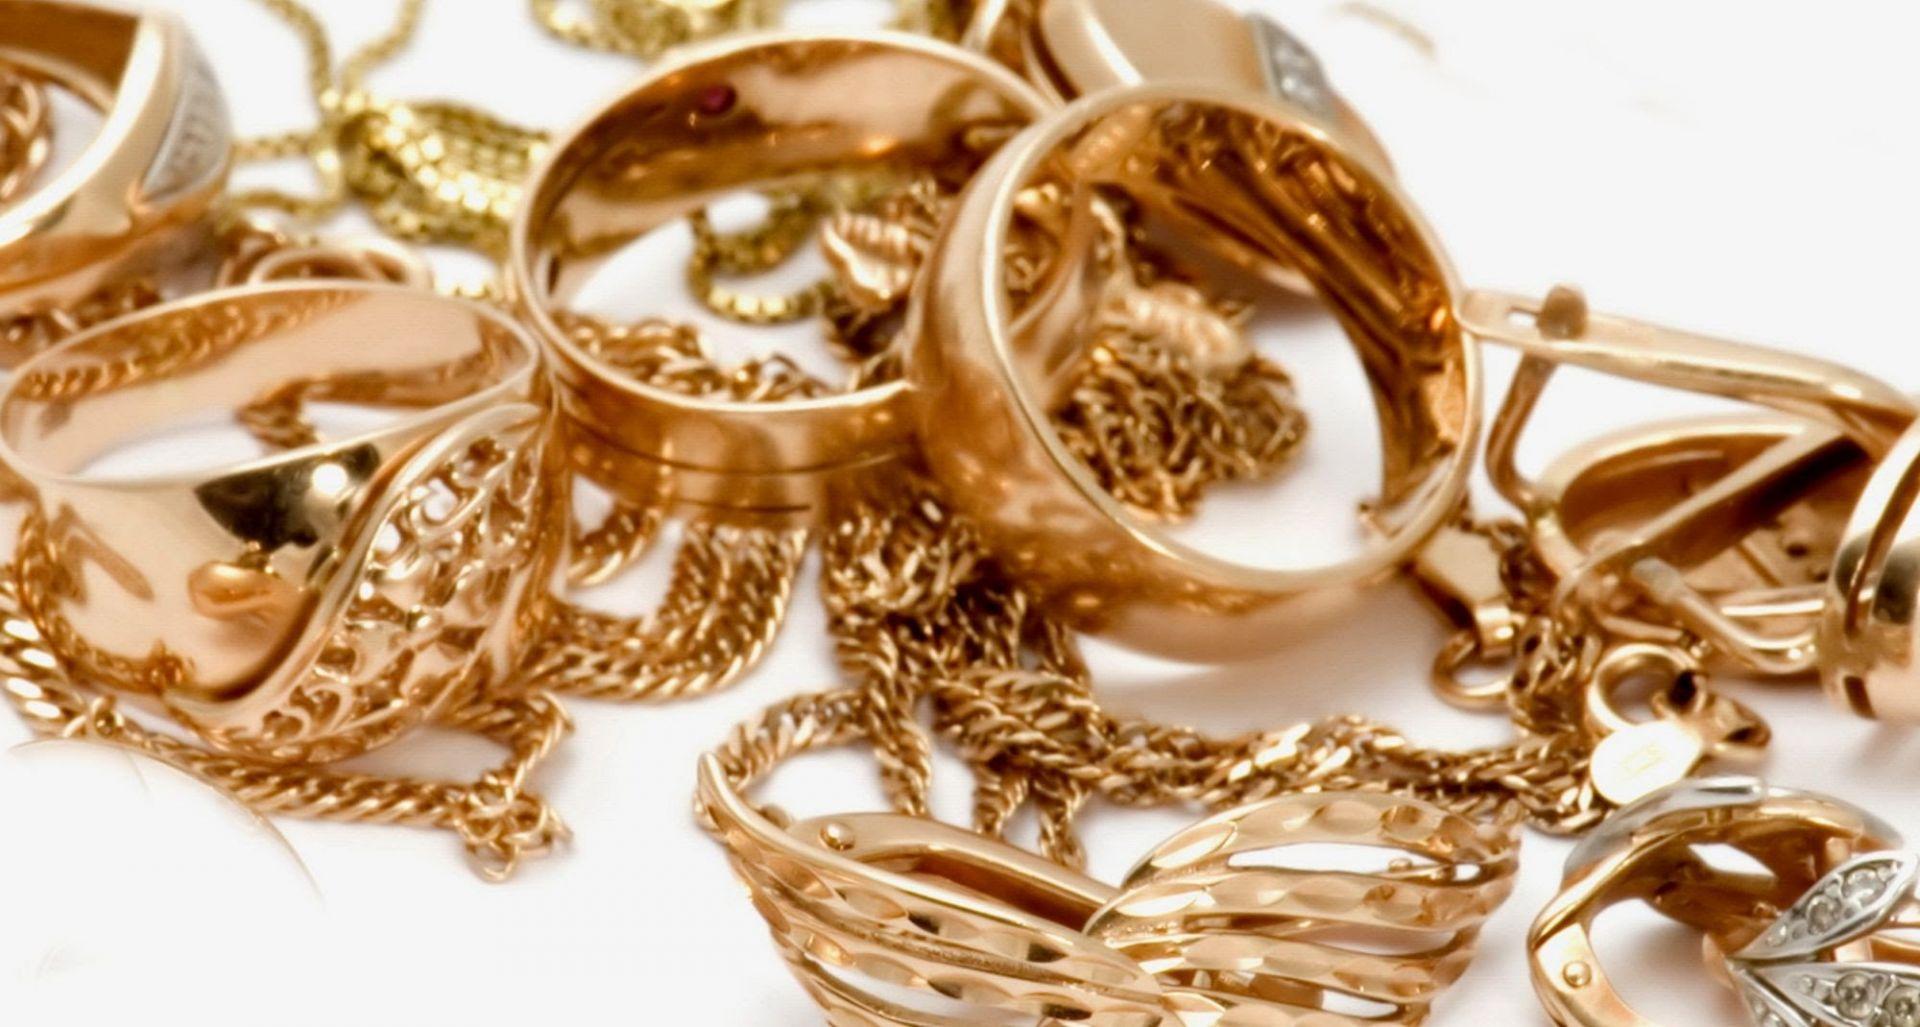 НаСтаврополье домушники украли золота наполмиллиона руб.